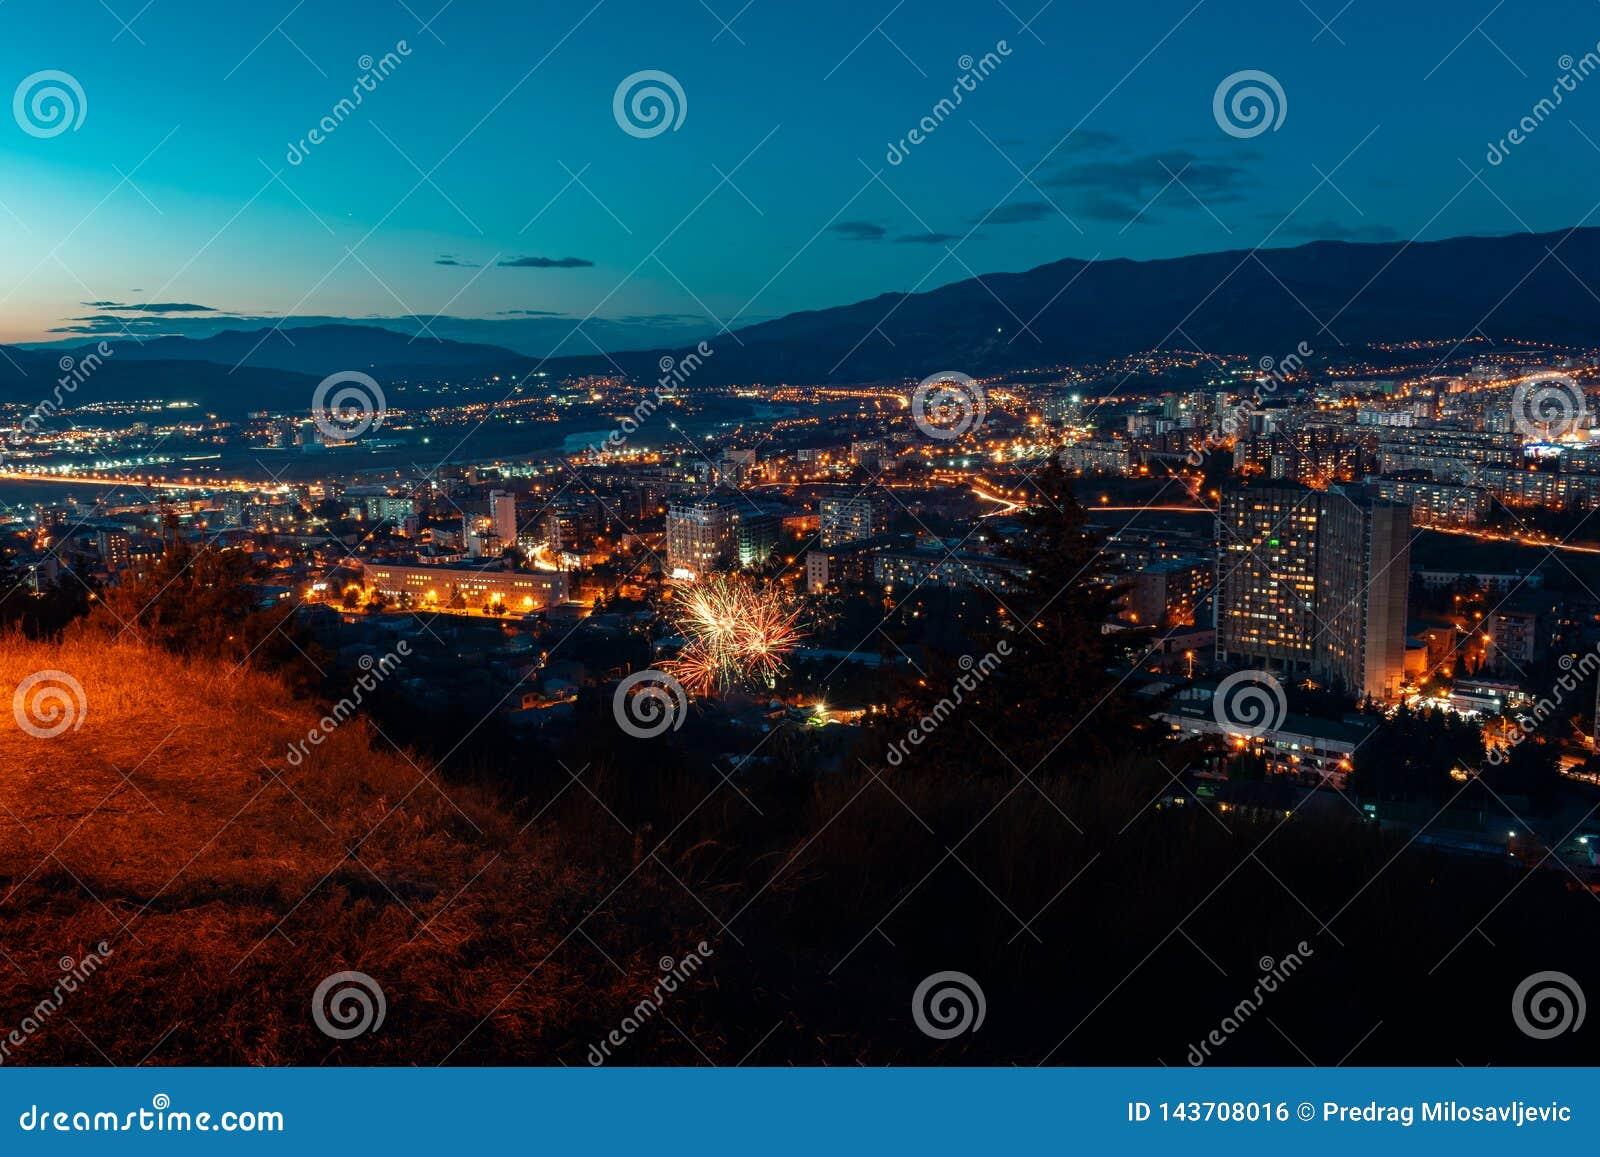 Flyg- sikt, nattcityscapesikt med natthimmel naturlig klar sikt med fyrverkerier över storstadkvarter med gataljus och